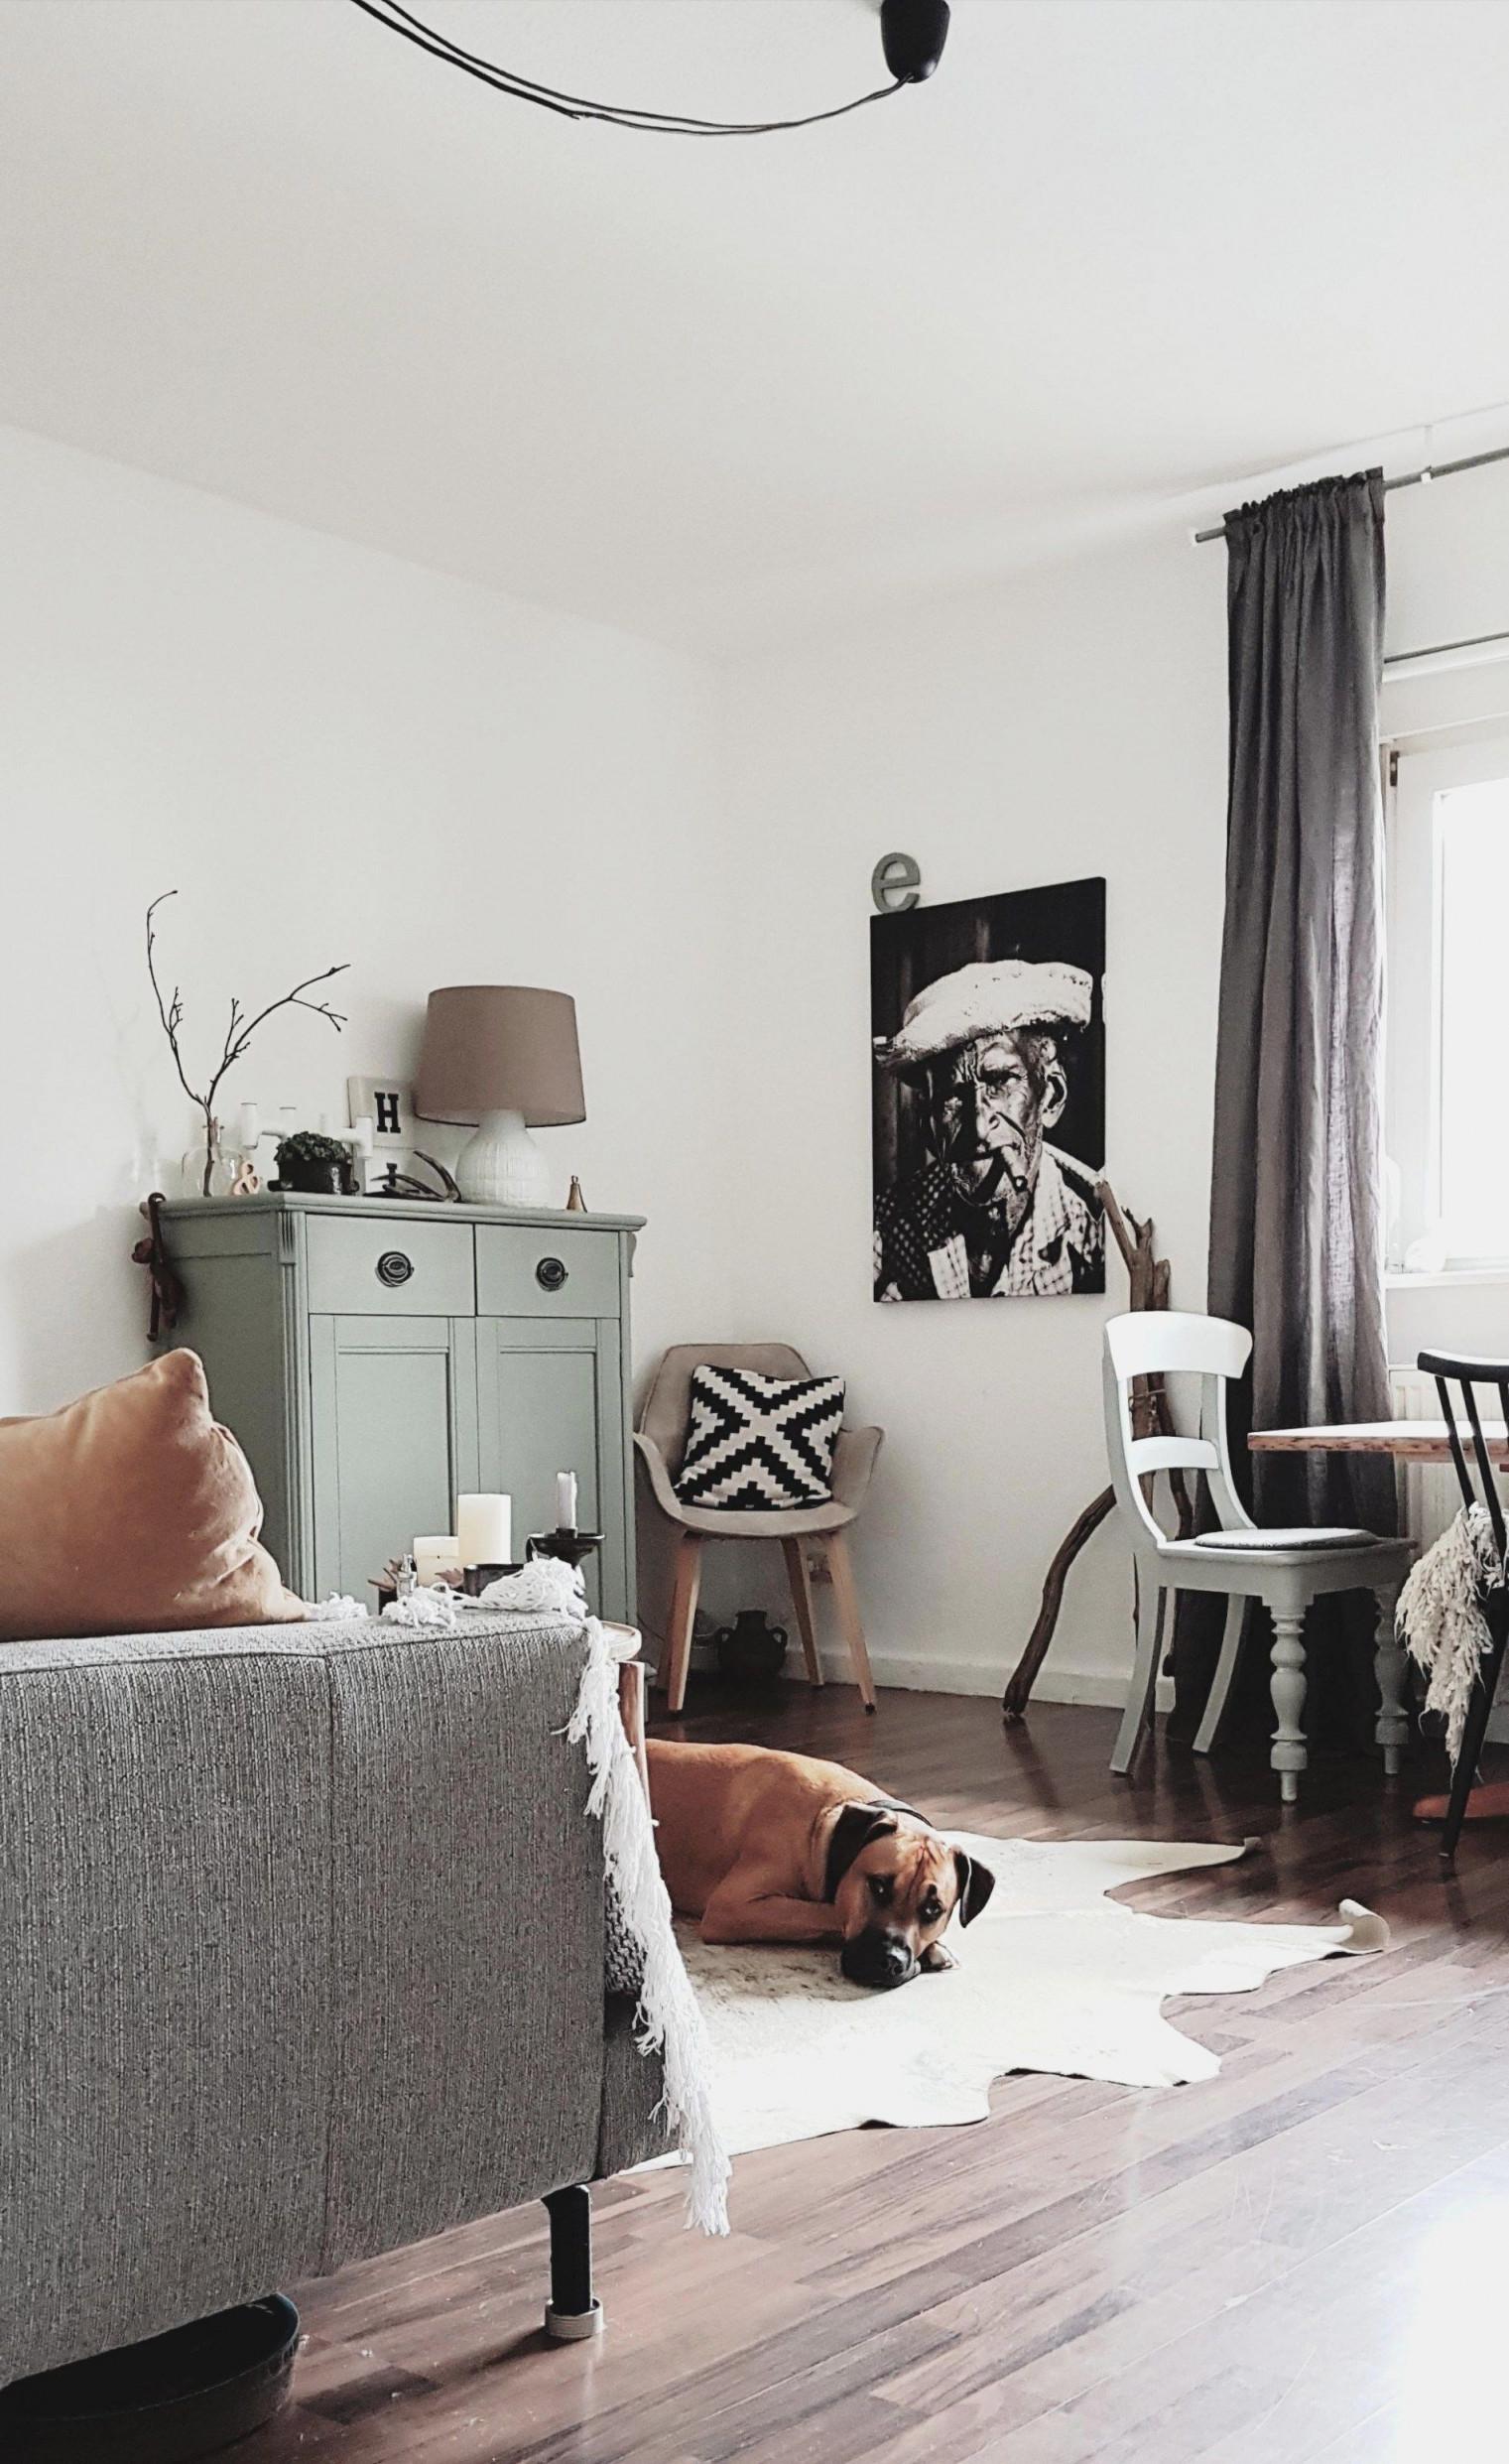 Wohnzimmer Ecken Gestalten  Wohnzimmer Ecken Wohnzimmer von Wohnzimmer Ecken Gestalten Bild